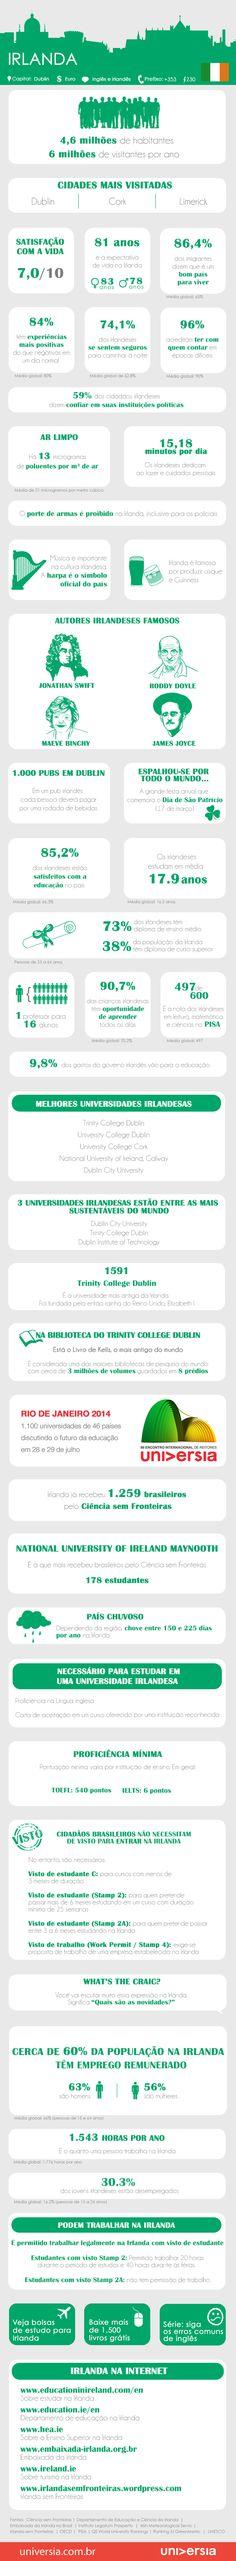 Infográfico: 40 coisas que você deve saber antes de estudar e trabalhar na Irlanda